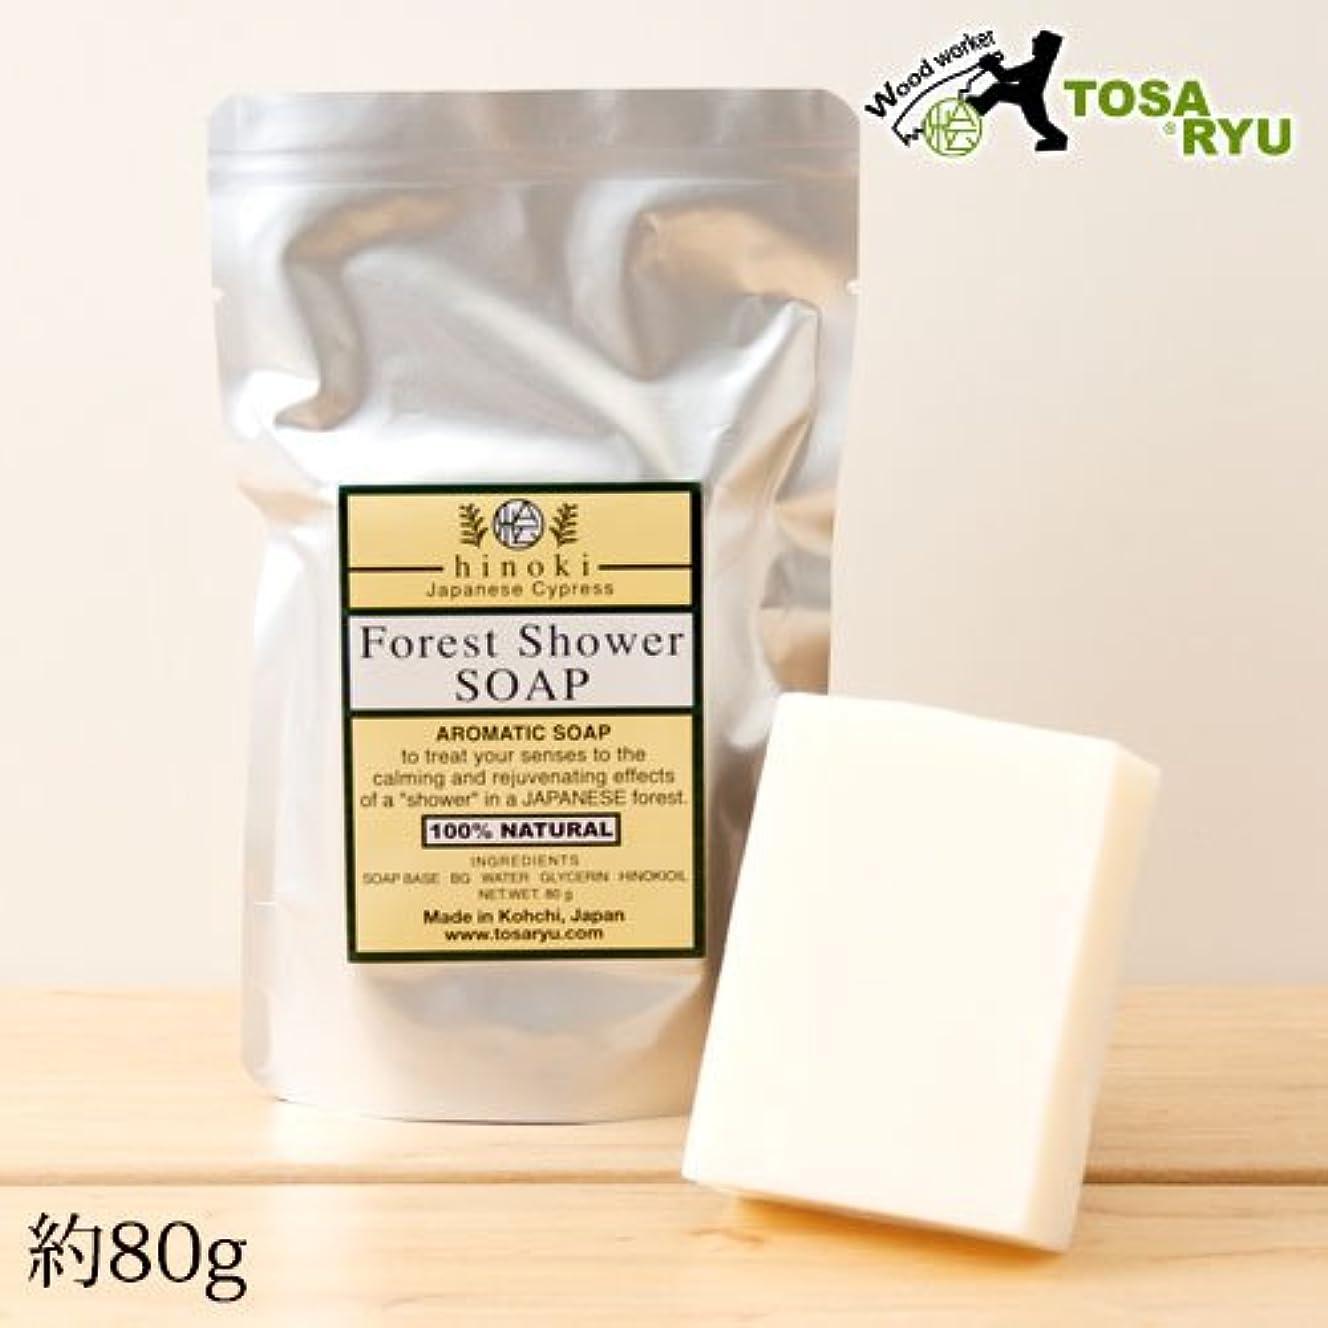 ページジャーナリスト陽気なTosaryu, FOREST SHOWER SOAP, Aroma soap scent of cypress, Kochi craft